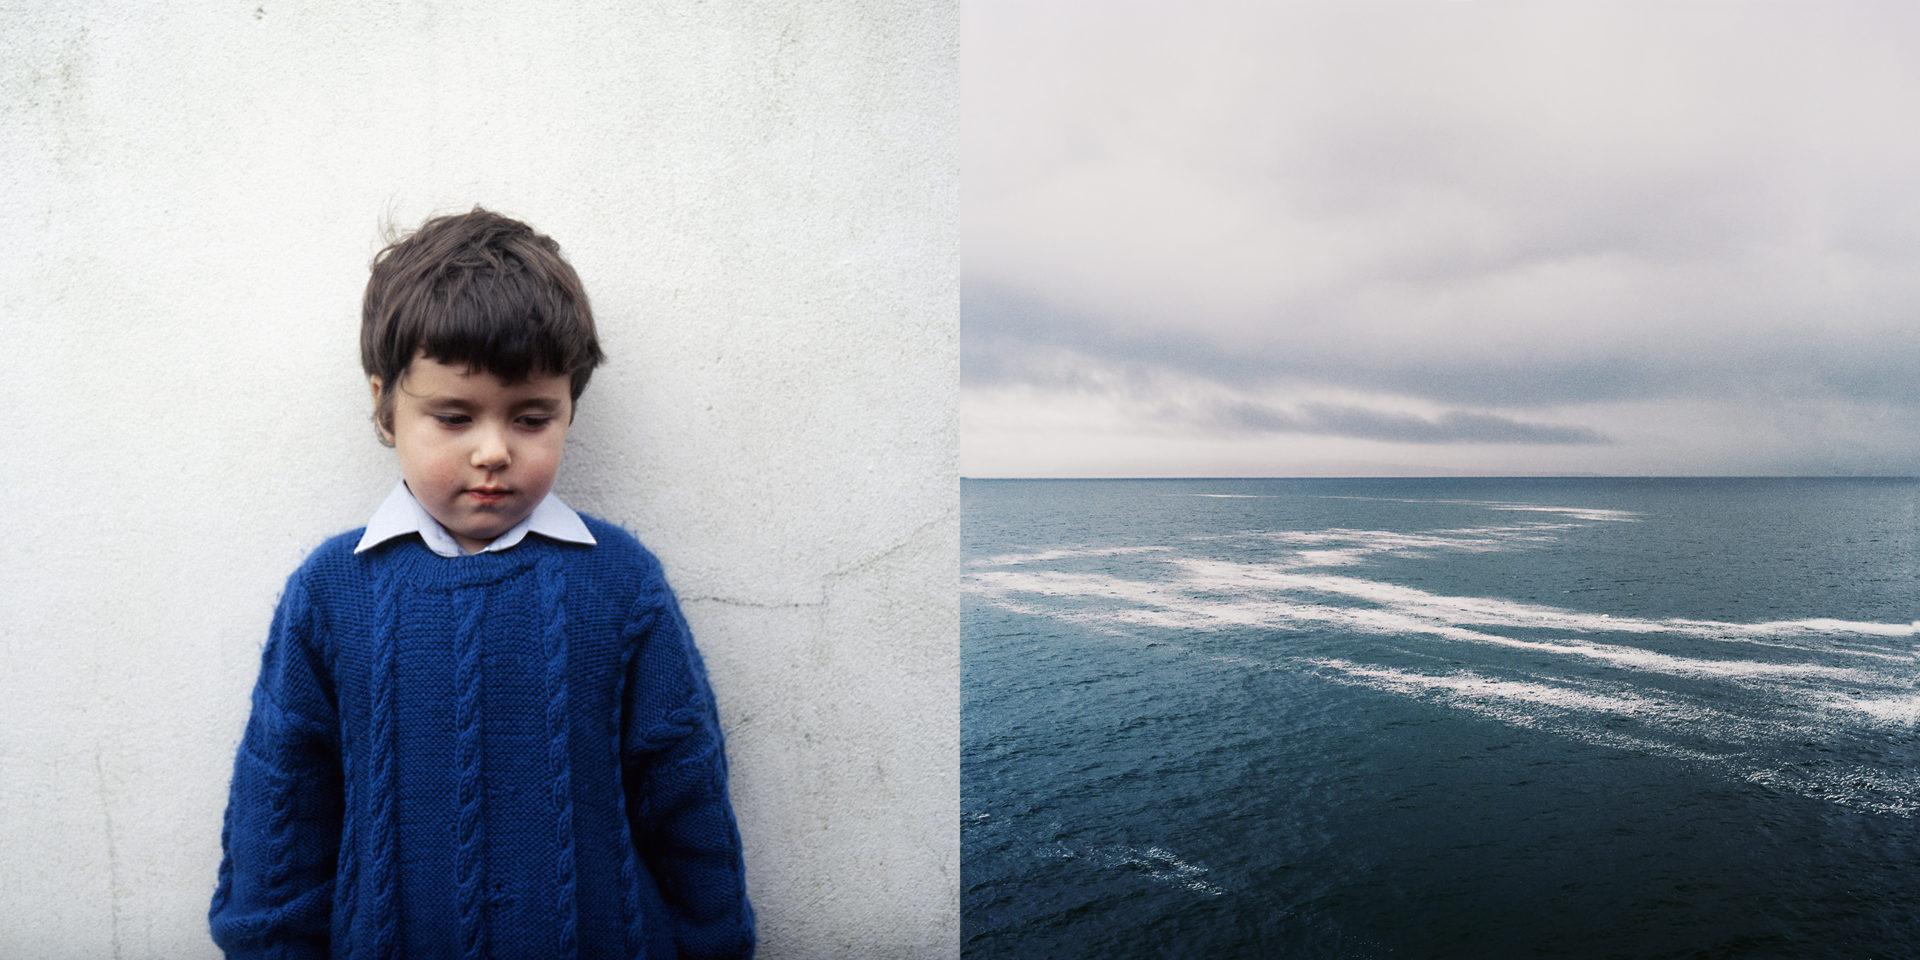 Deze foto (rechts) is aan te kopen via howitstarts.nl